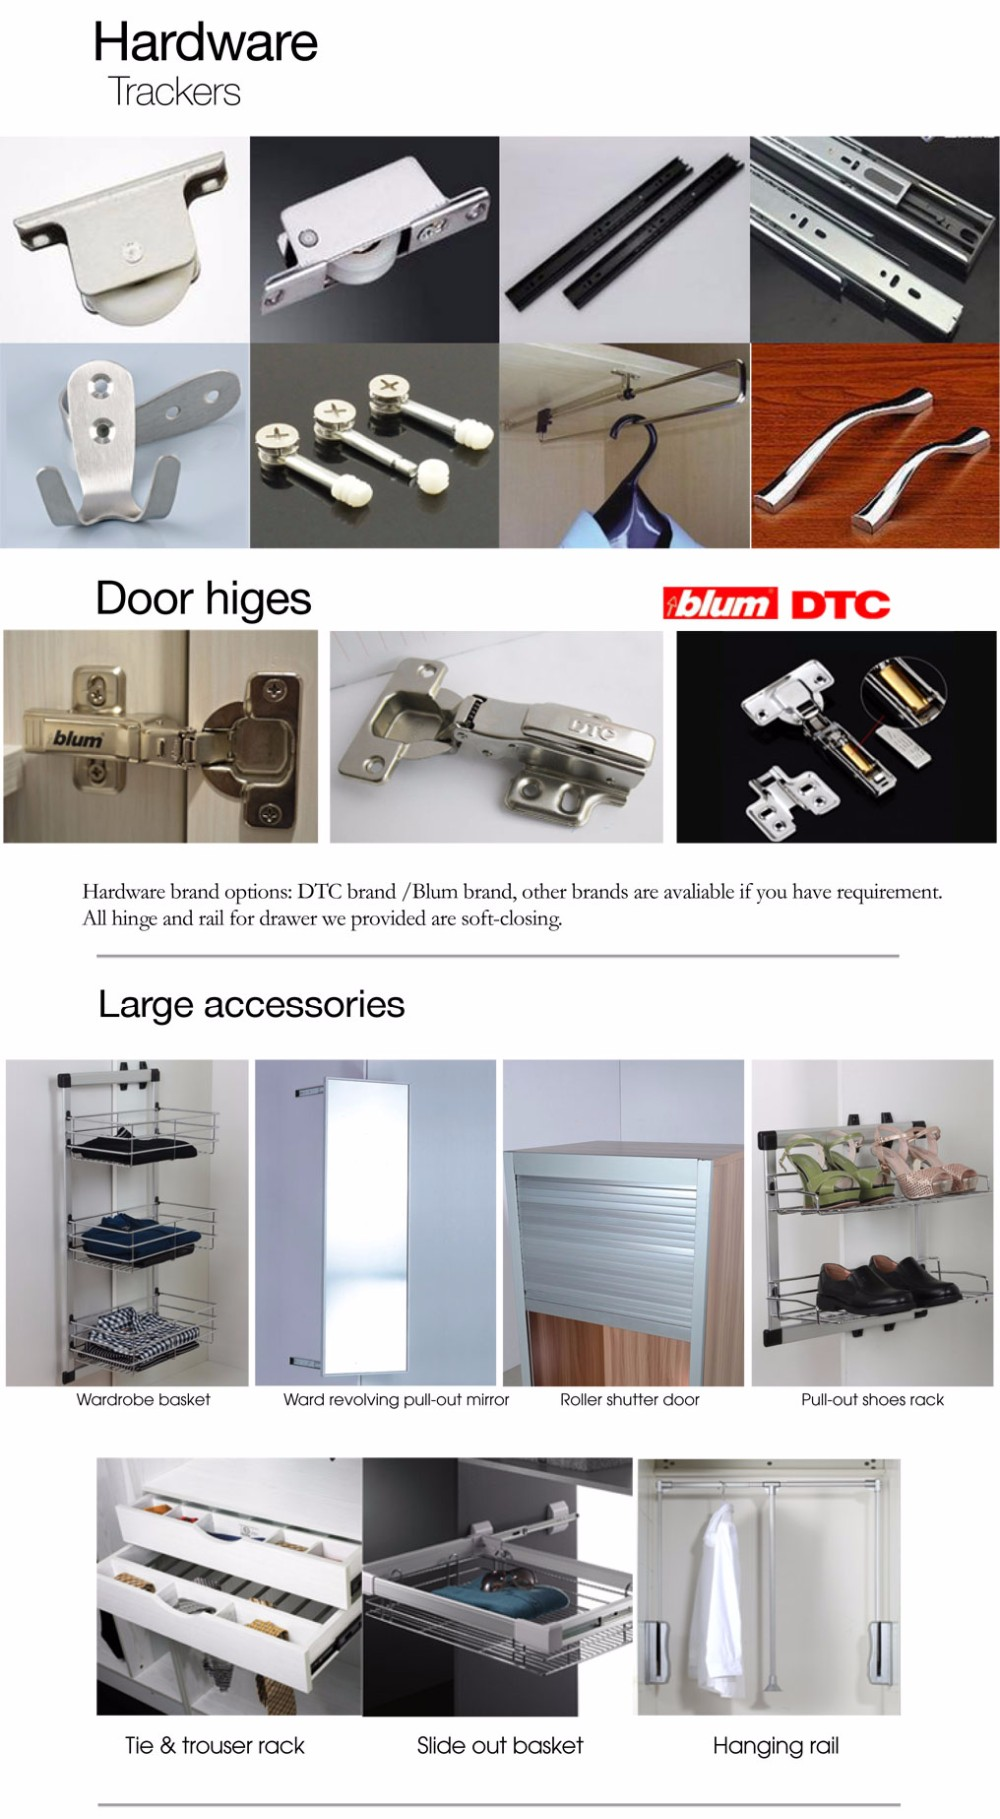 furniture bedroom space saving bedroom wardrobes space saving furniture manuacturer buy furniture buy space saving furniture